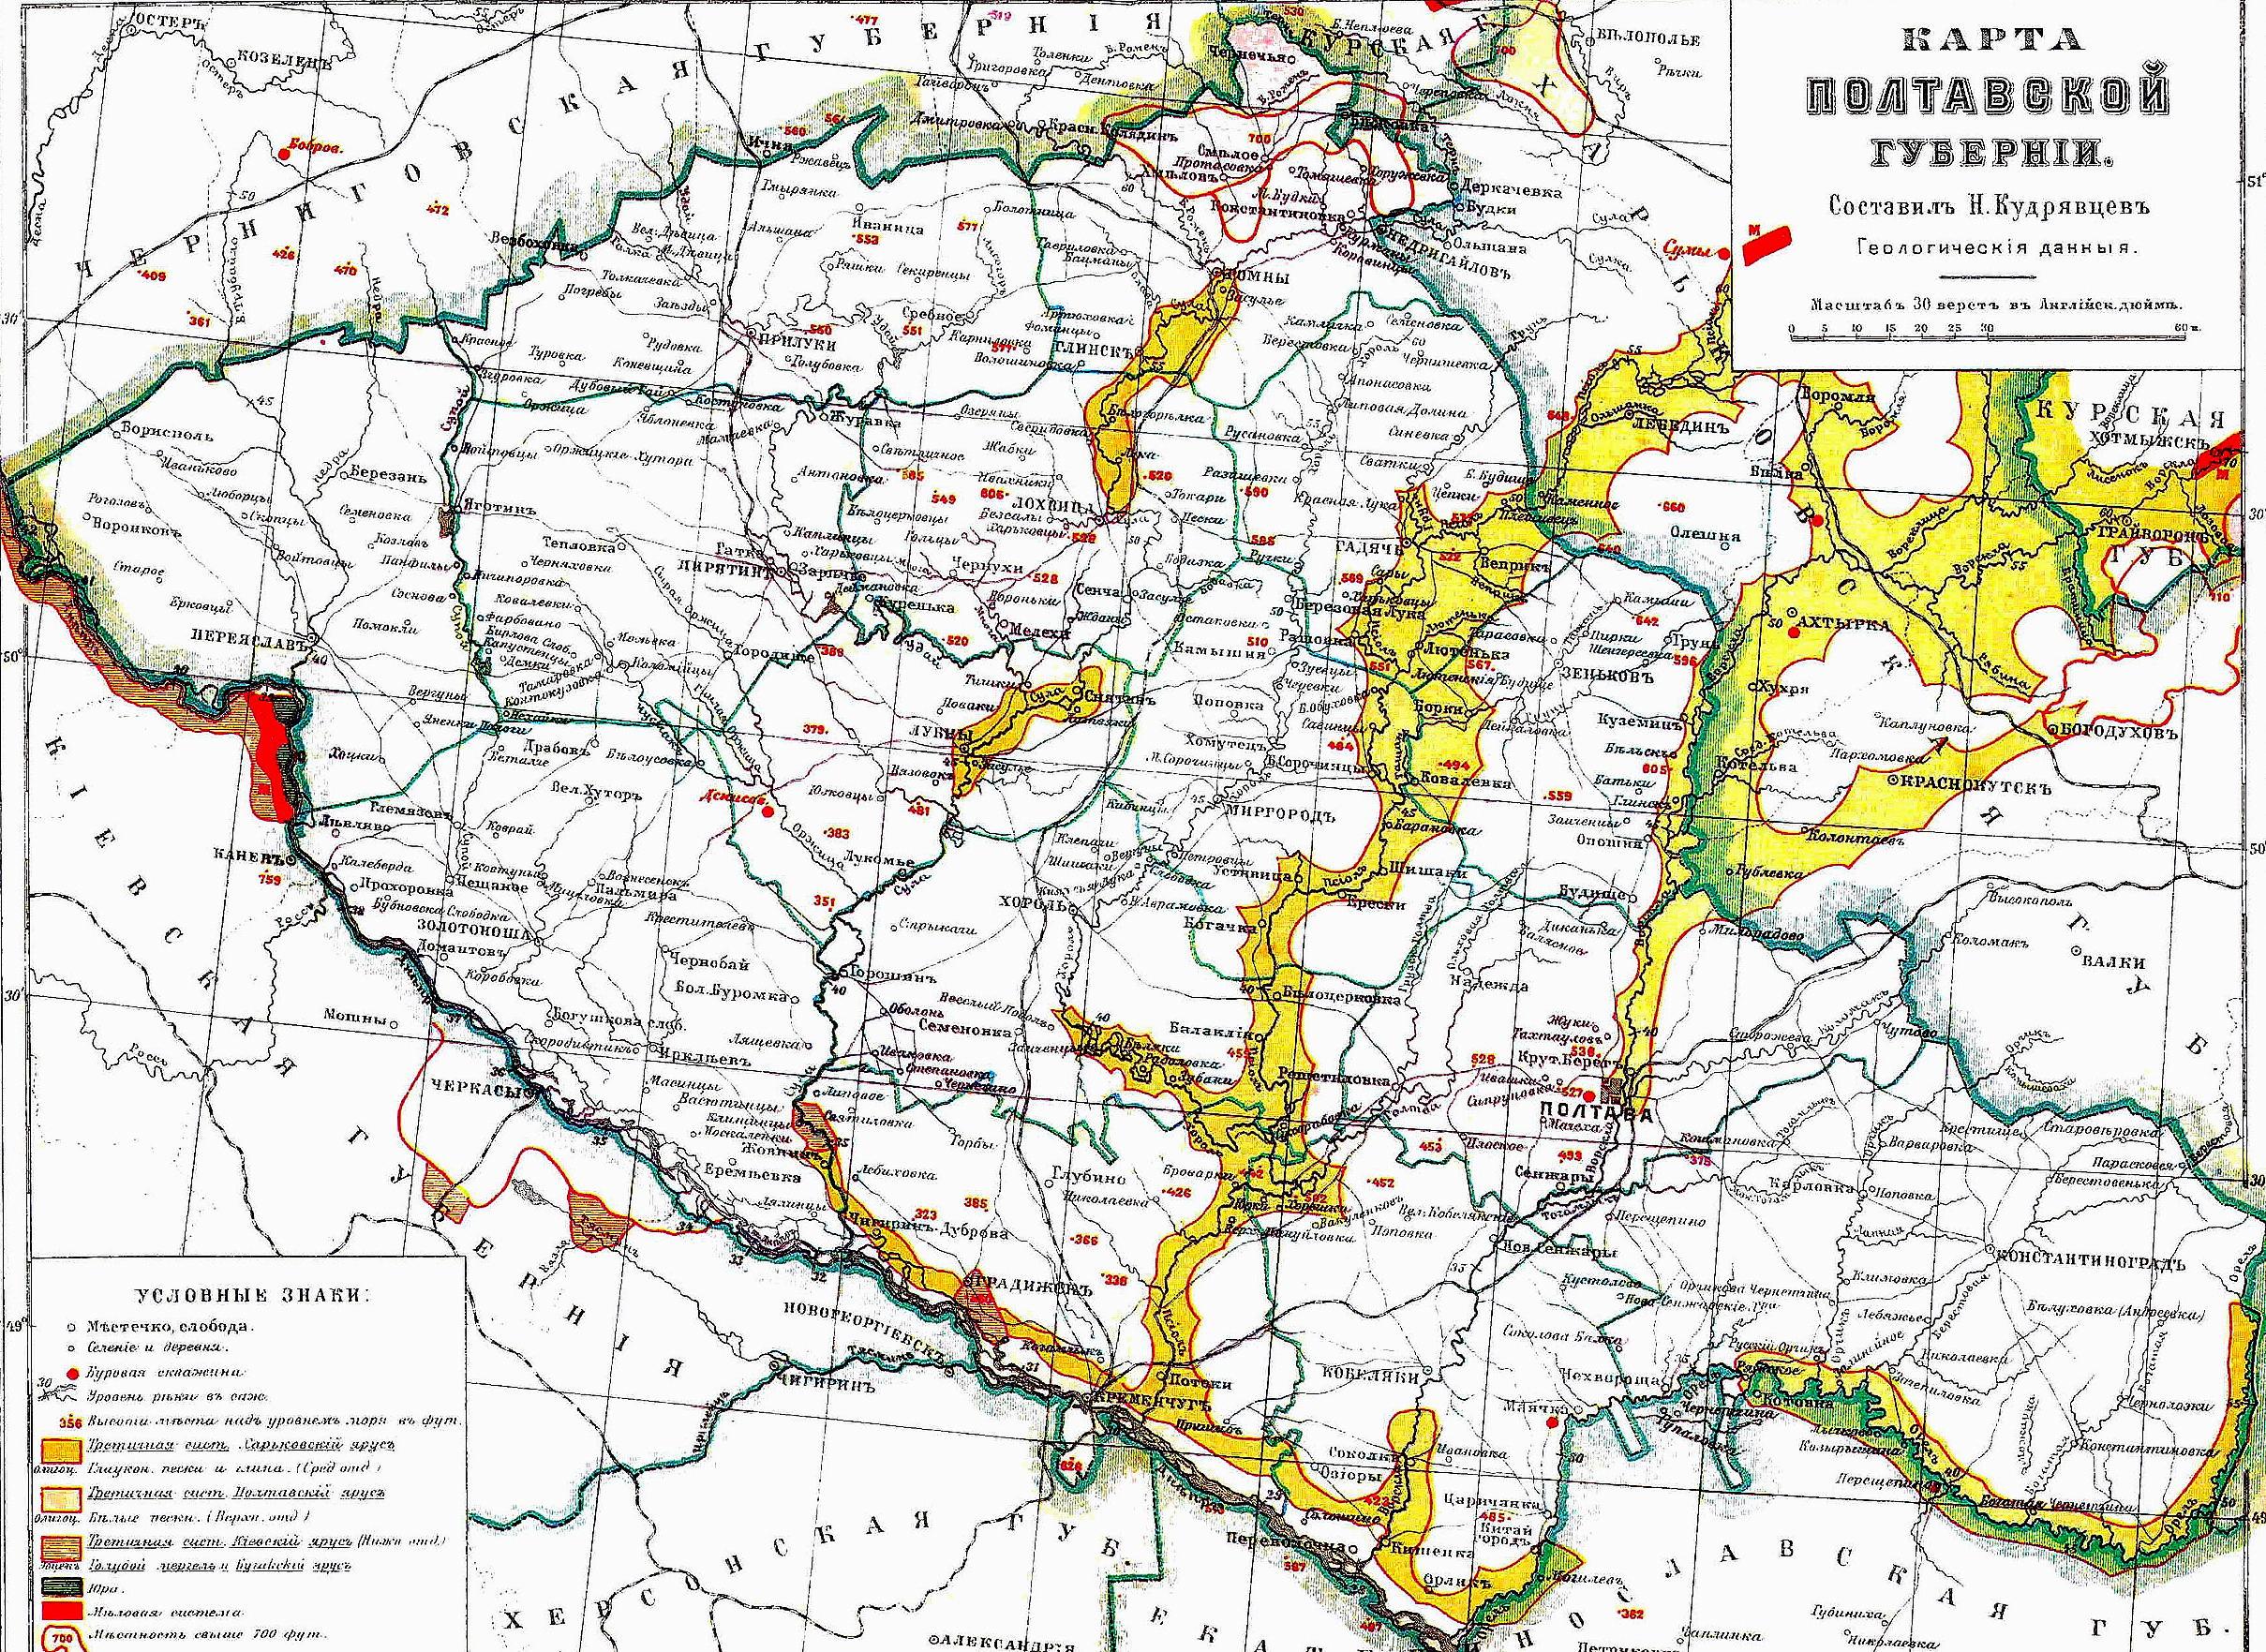 Визиком Карты Киев